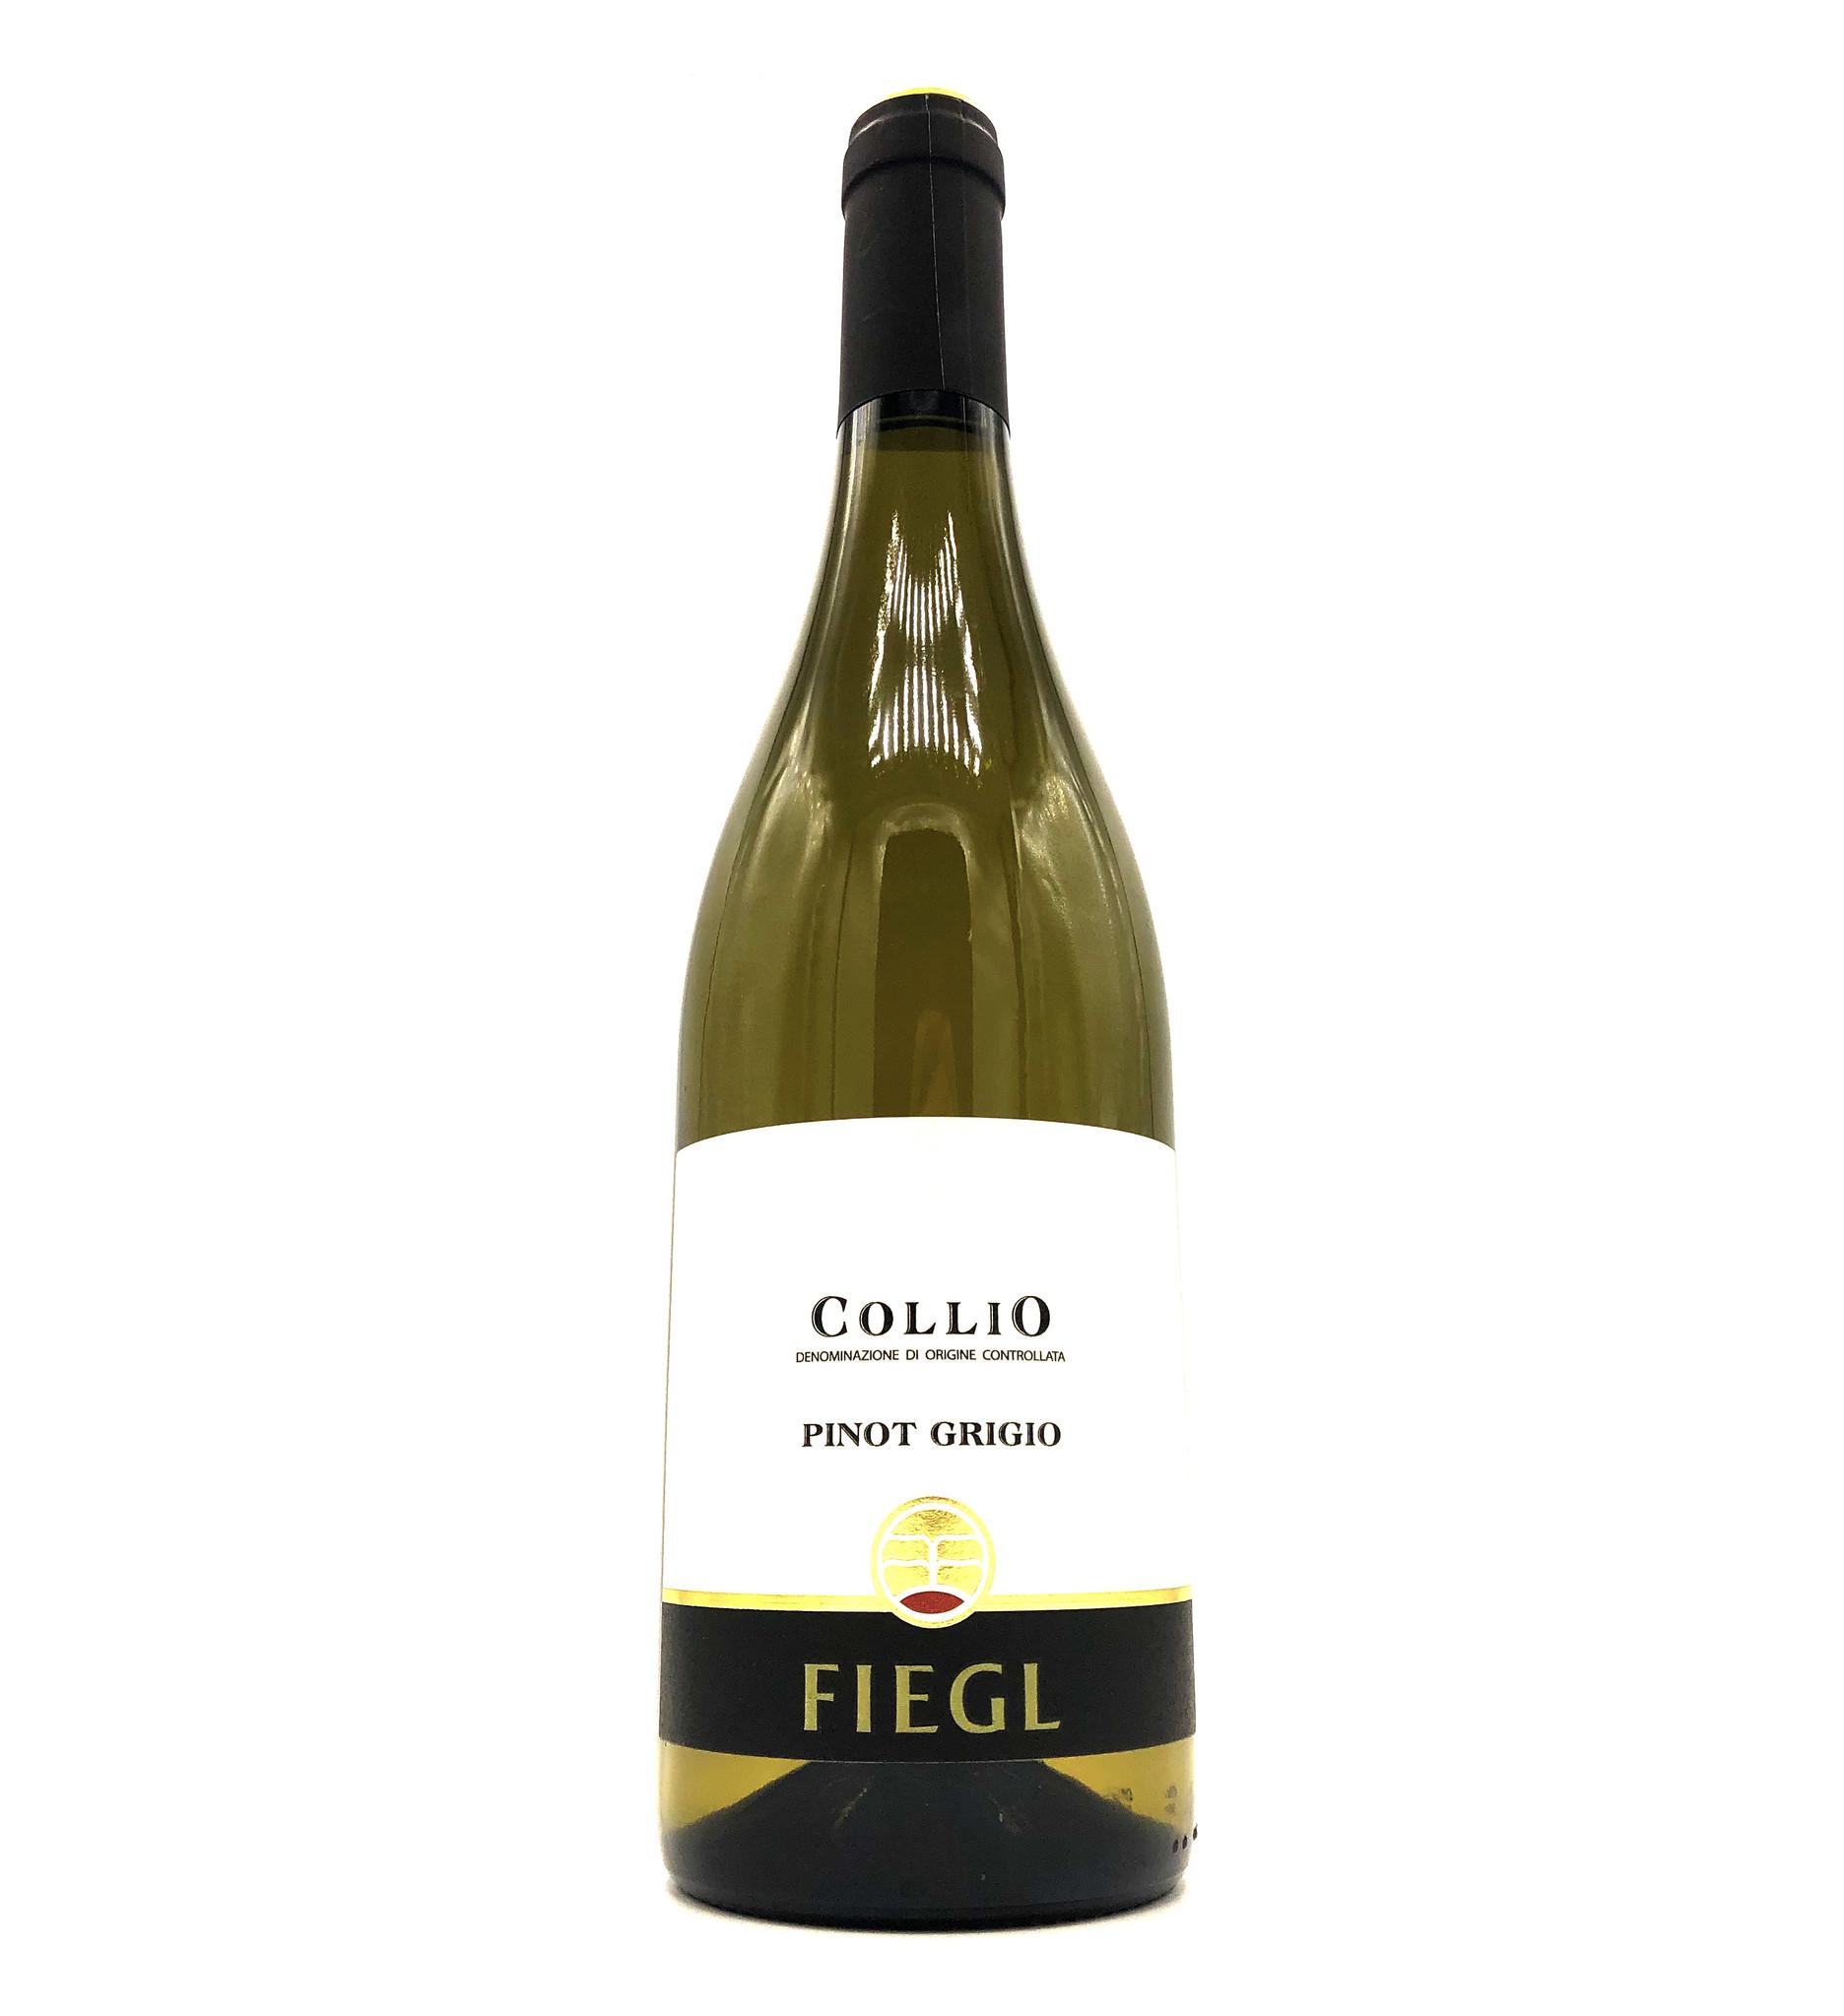 Pinot Grigio 2018 Fiegl